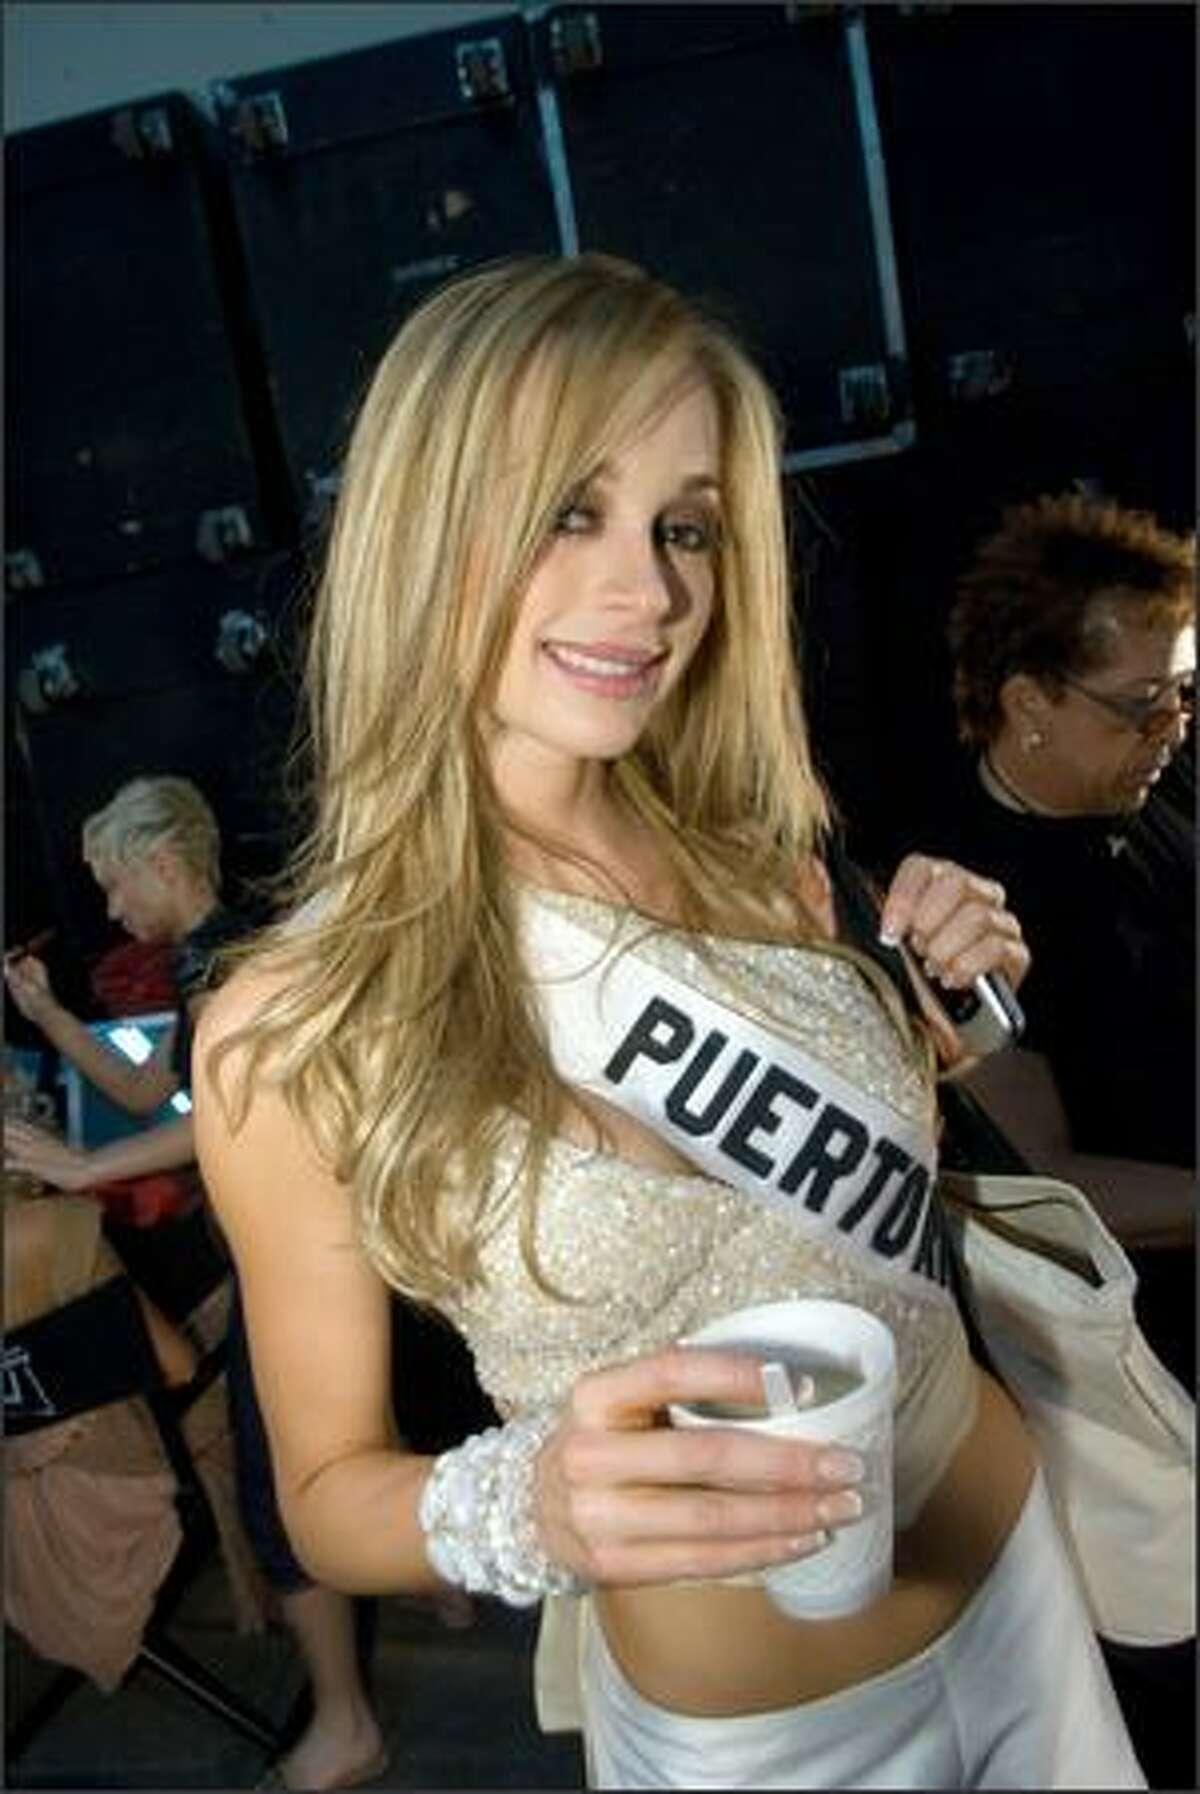 Uma Blasini, Miss Puerto Rico 2007, poses backstage.